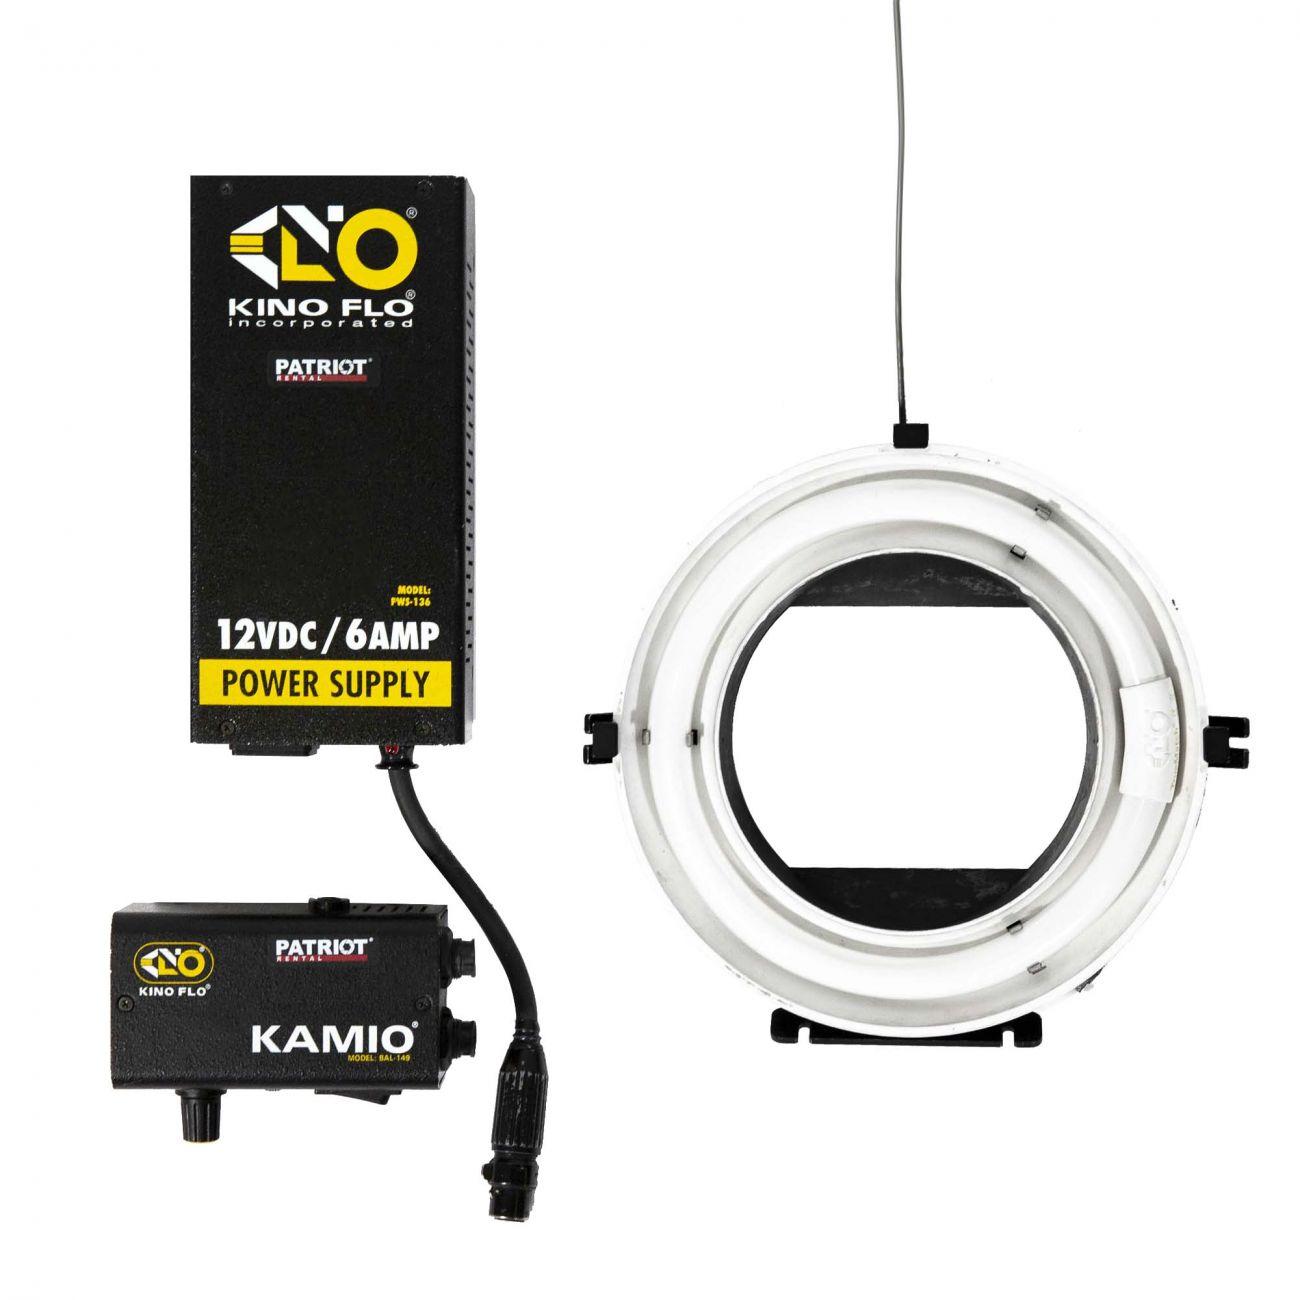 KinoFlo Ring Light Kamio, deluxe kit on camera